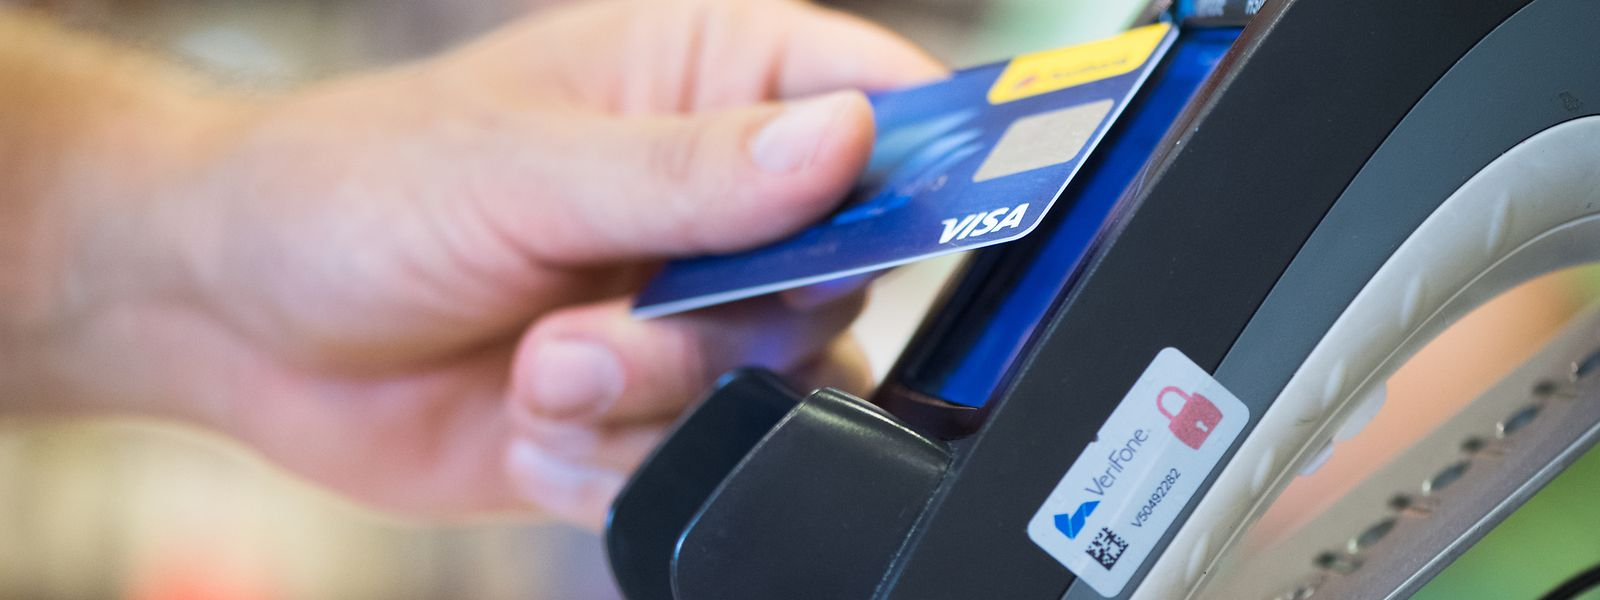 Von einer Hand in die andere: Kreditkarten ersetzen zunehmend Scheine und Münzen.